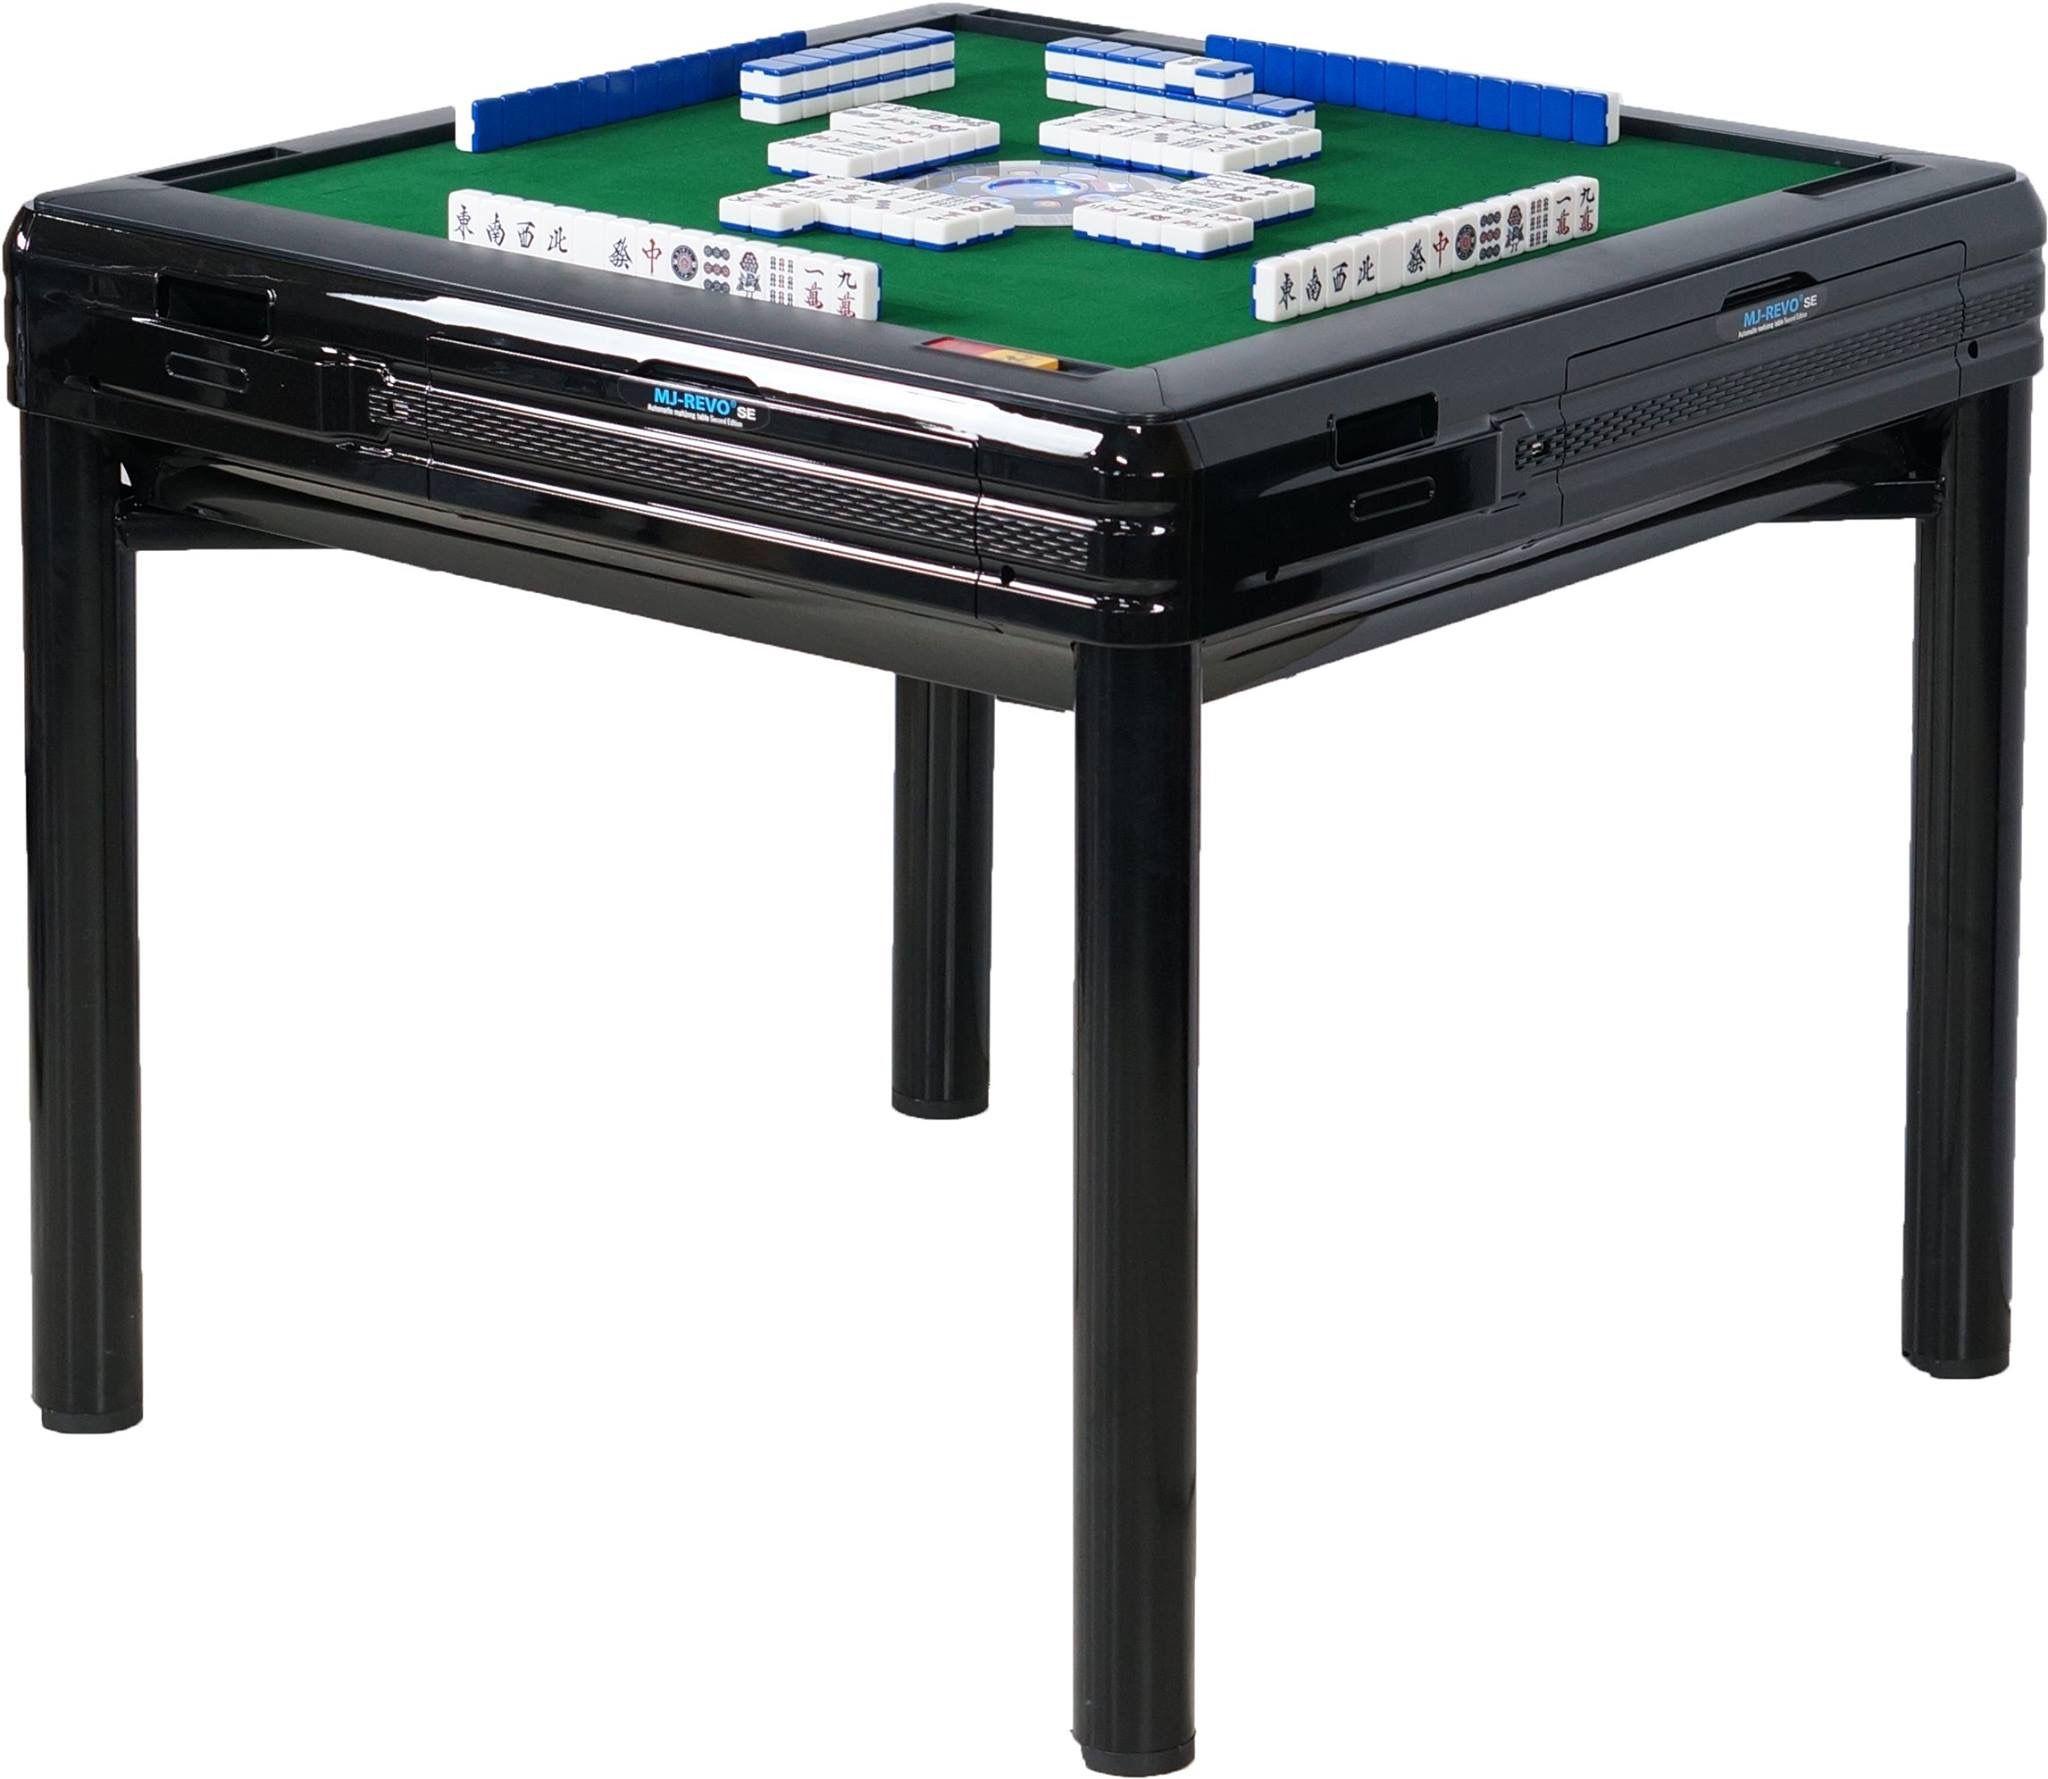 riichi automatic mahjong table riichi auto mahjong table japanese mahjong table mahjong table